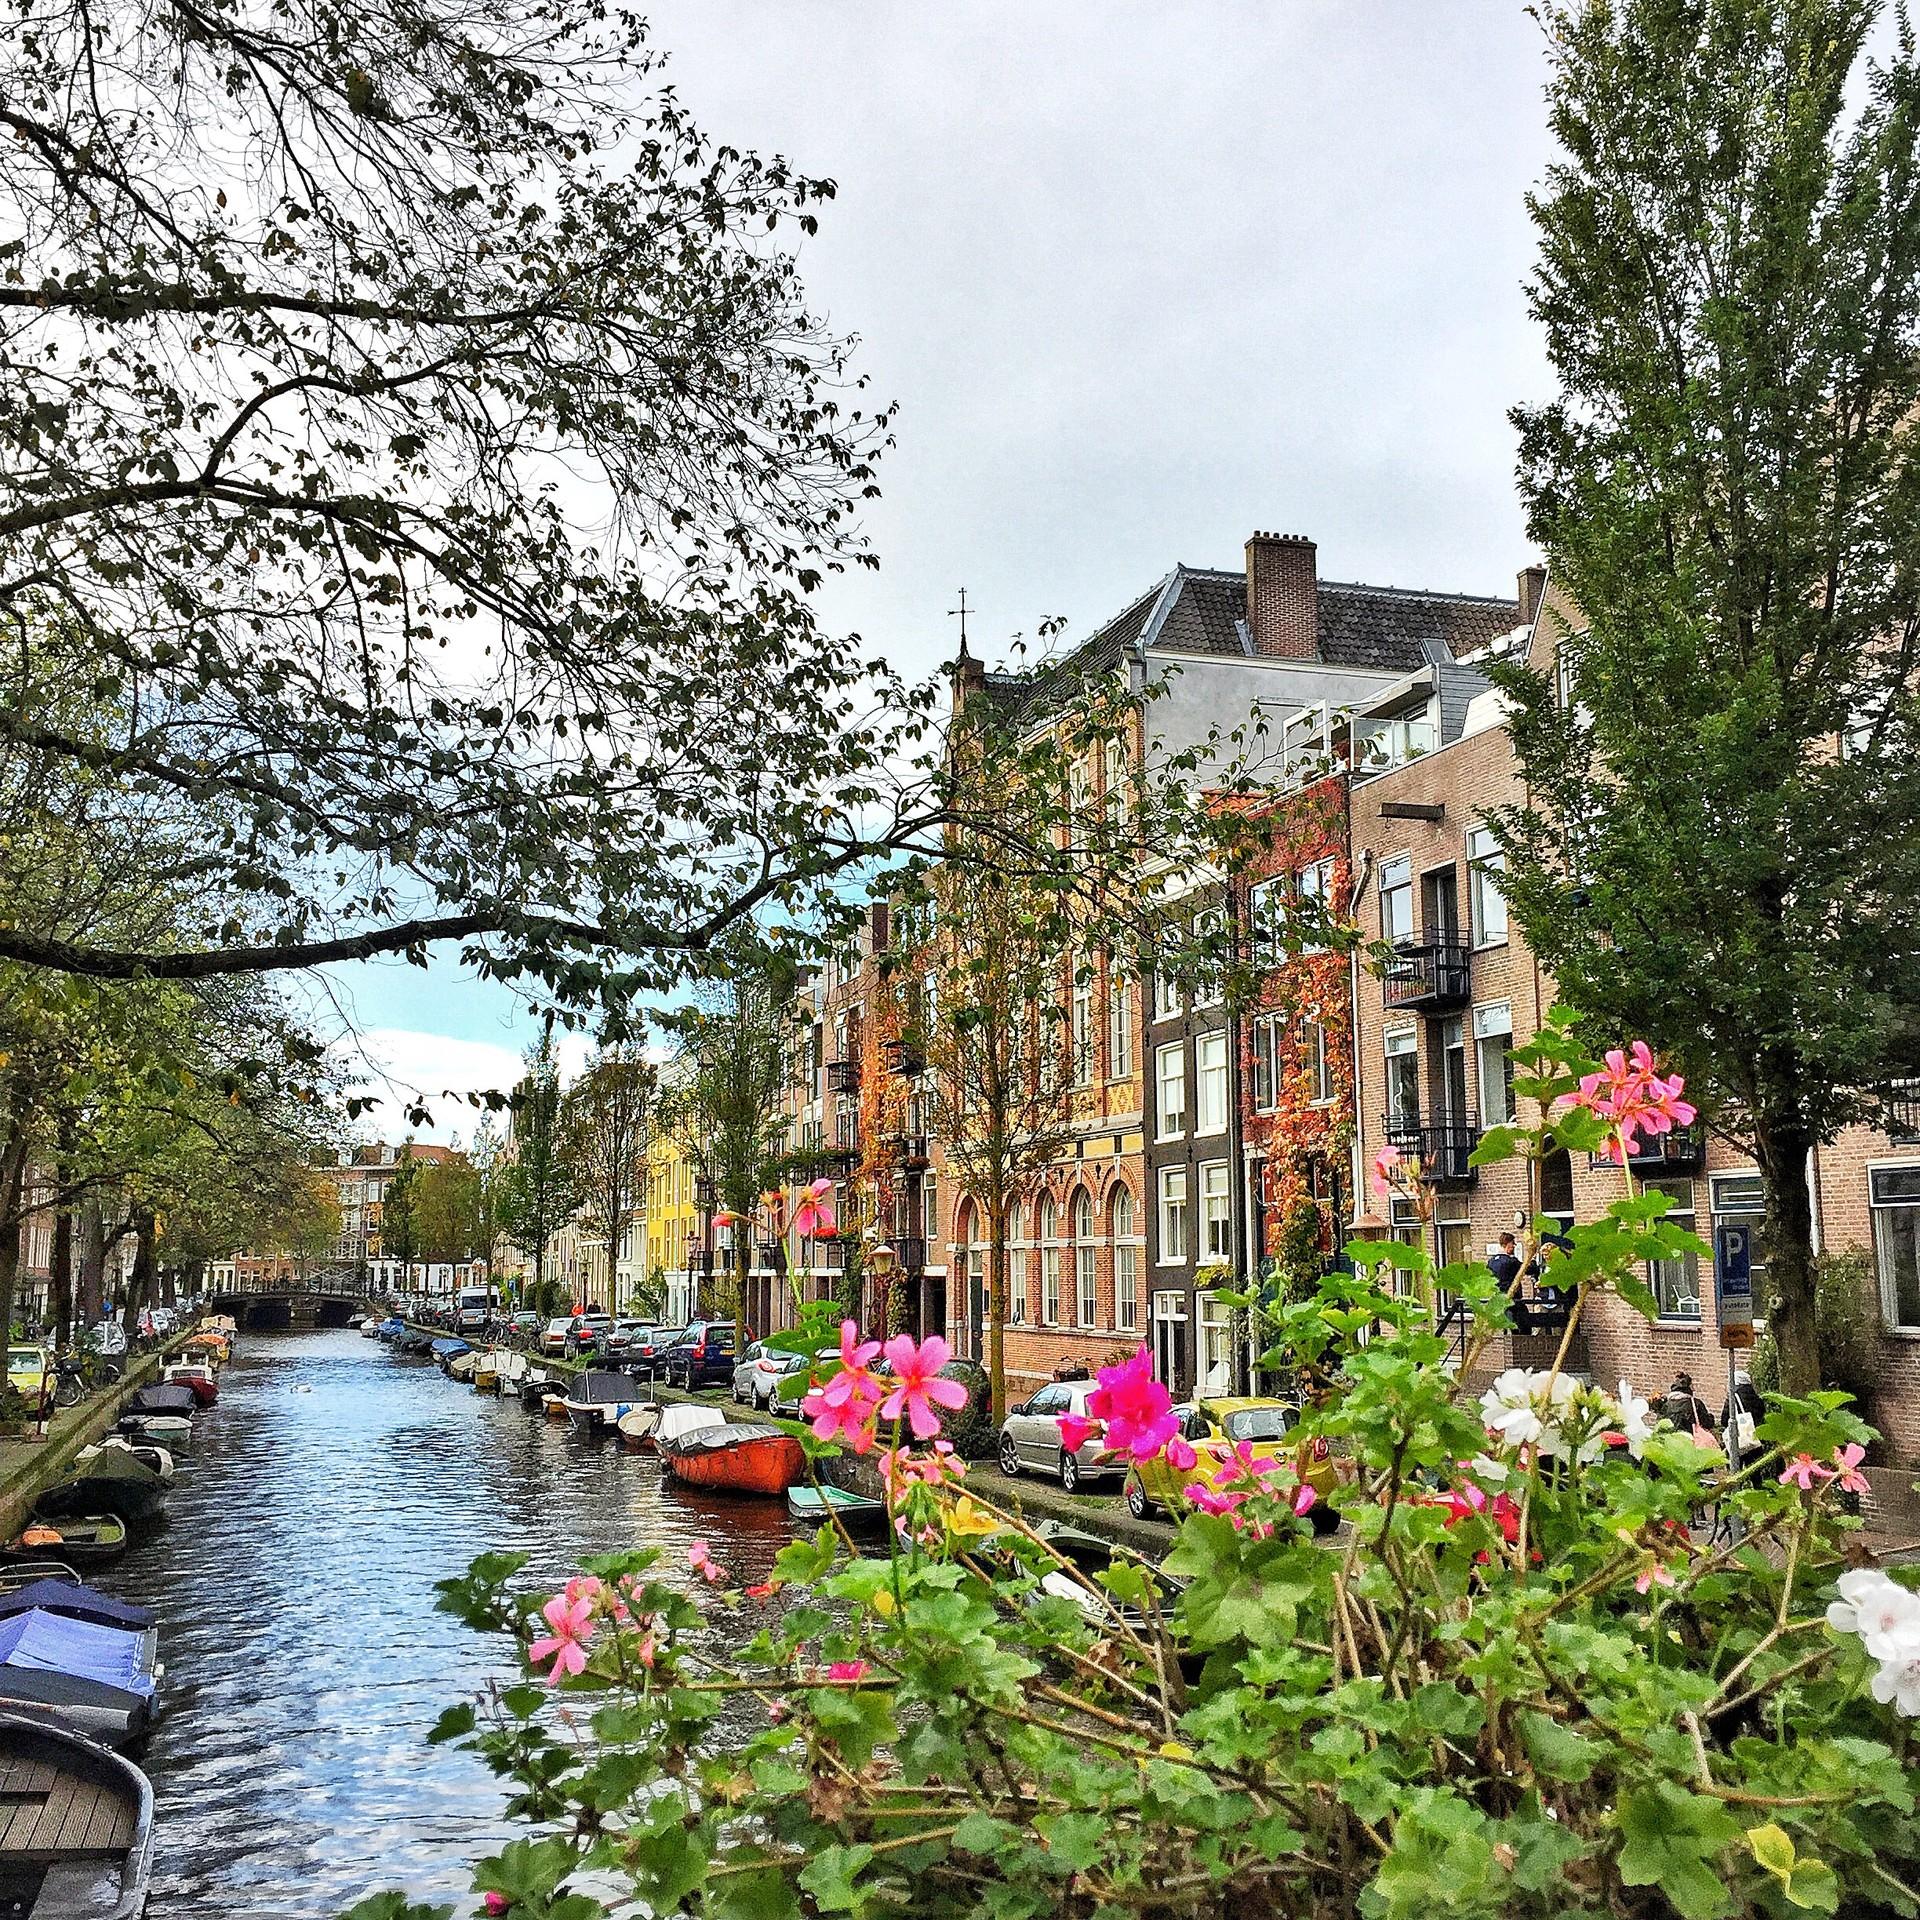 Arrivo ad Amsterdam e Piazza Dam